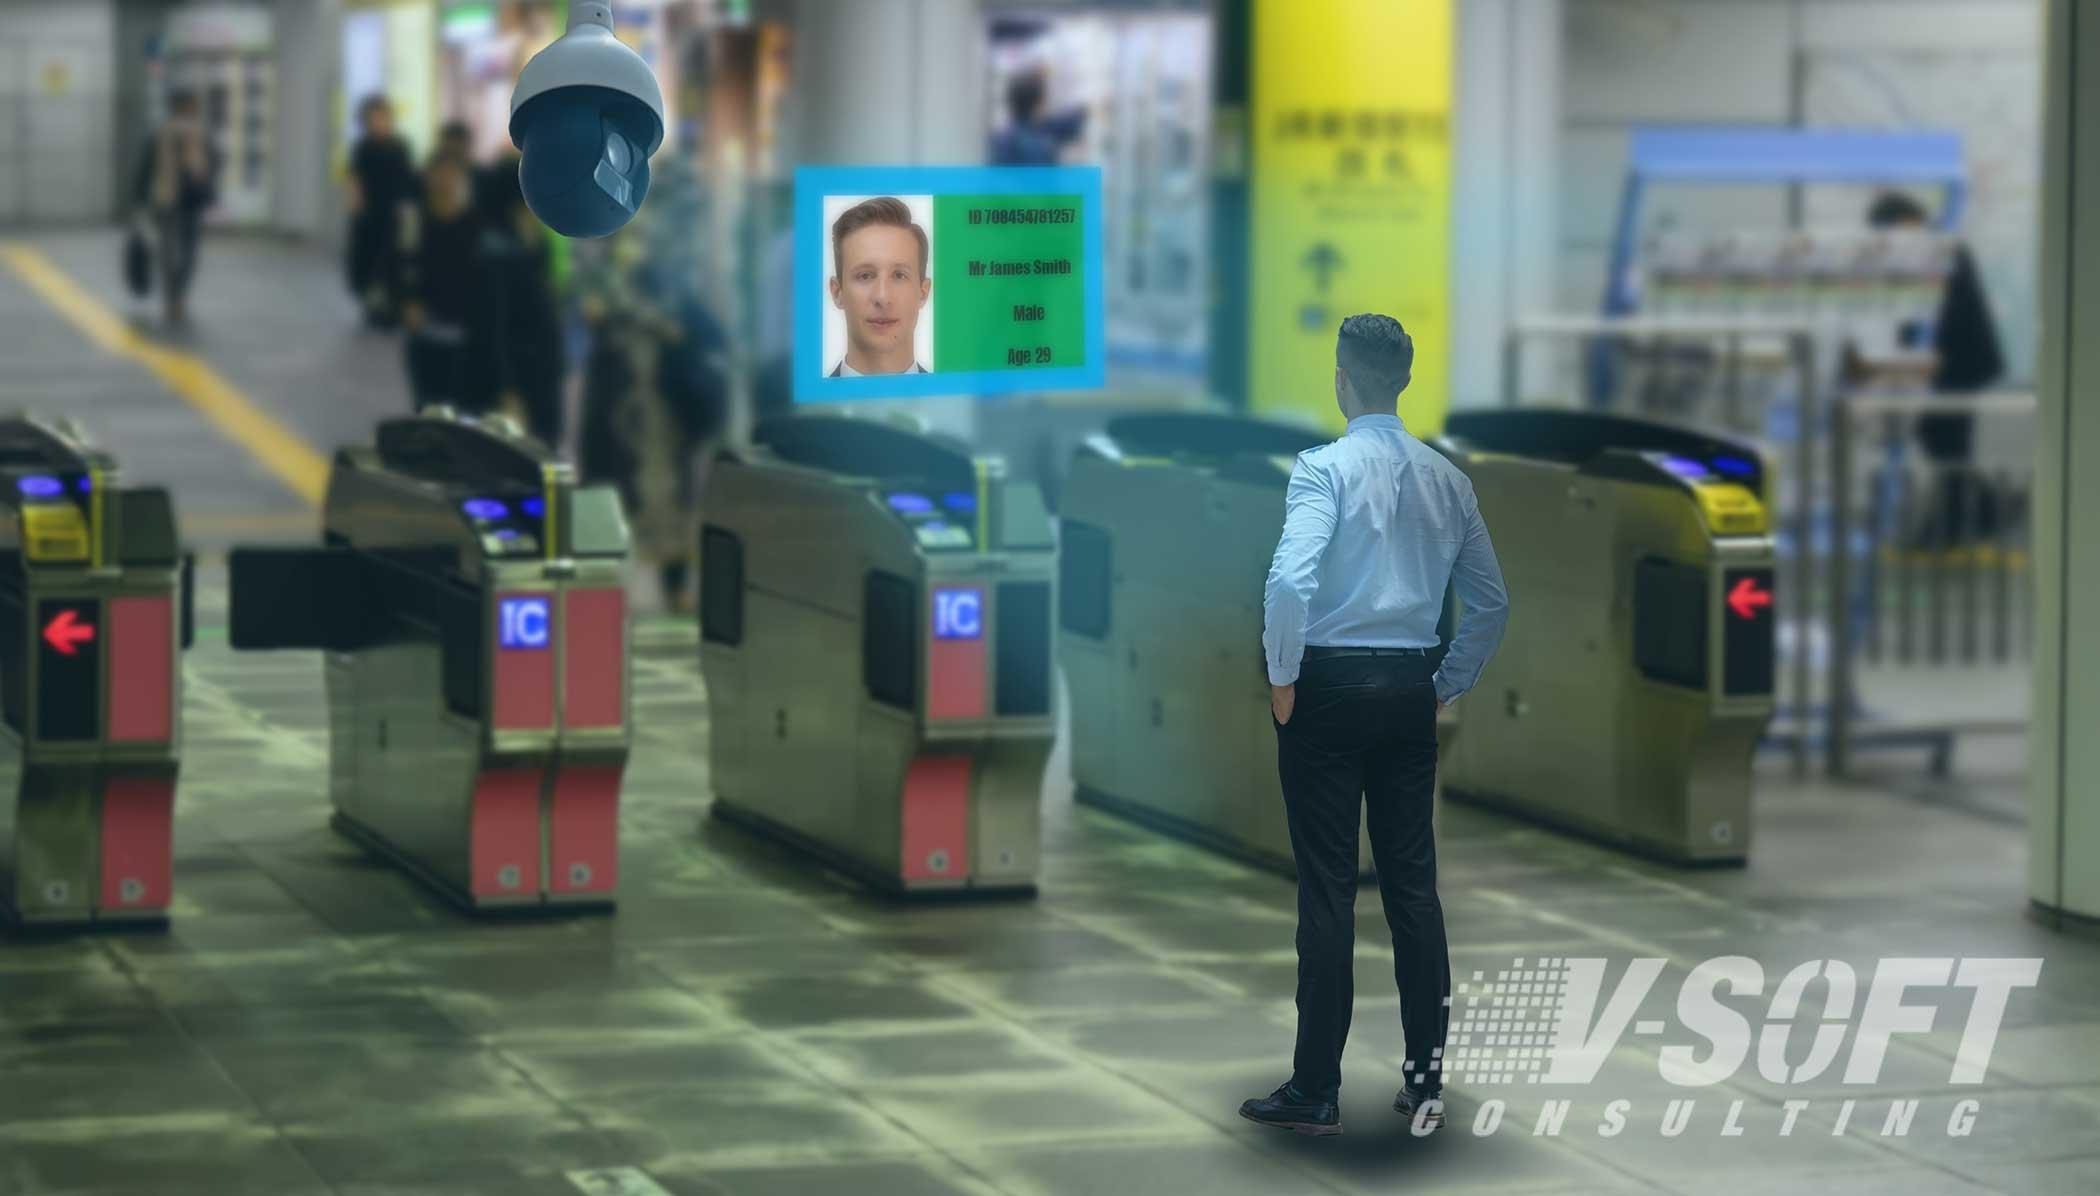 Facial recognition of a man through AI